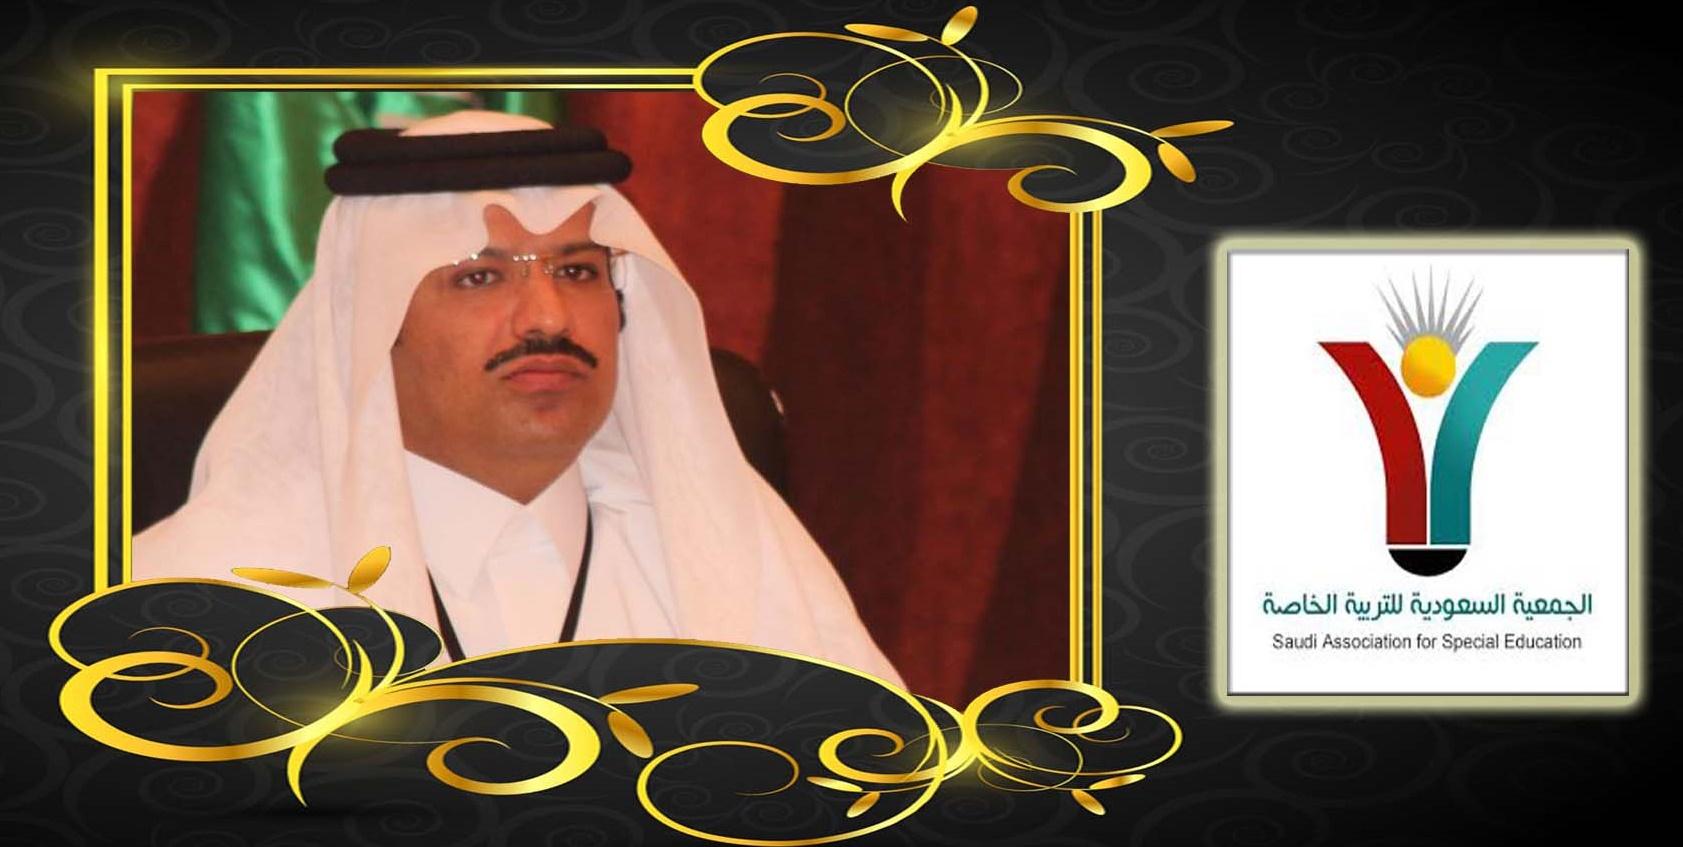 تعيين الدكتور ناصر العجمي رئيساً لمجلس الجمعية السعودية للتربية الخاصة